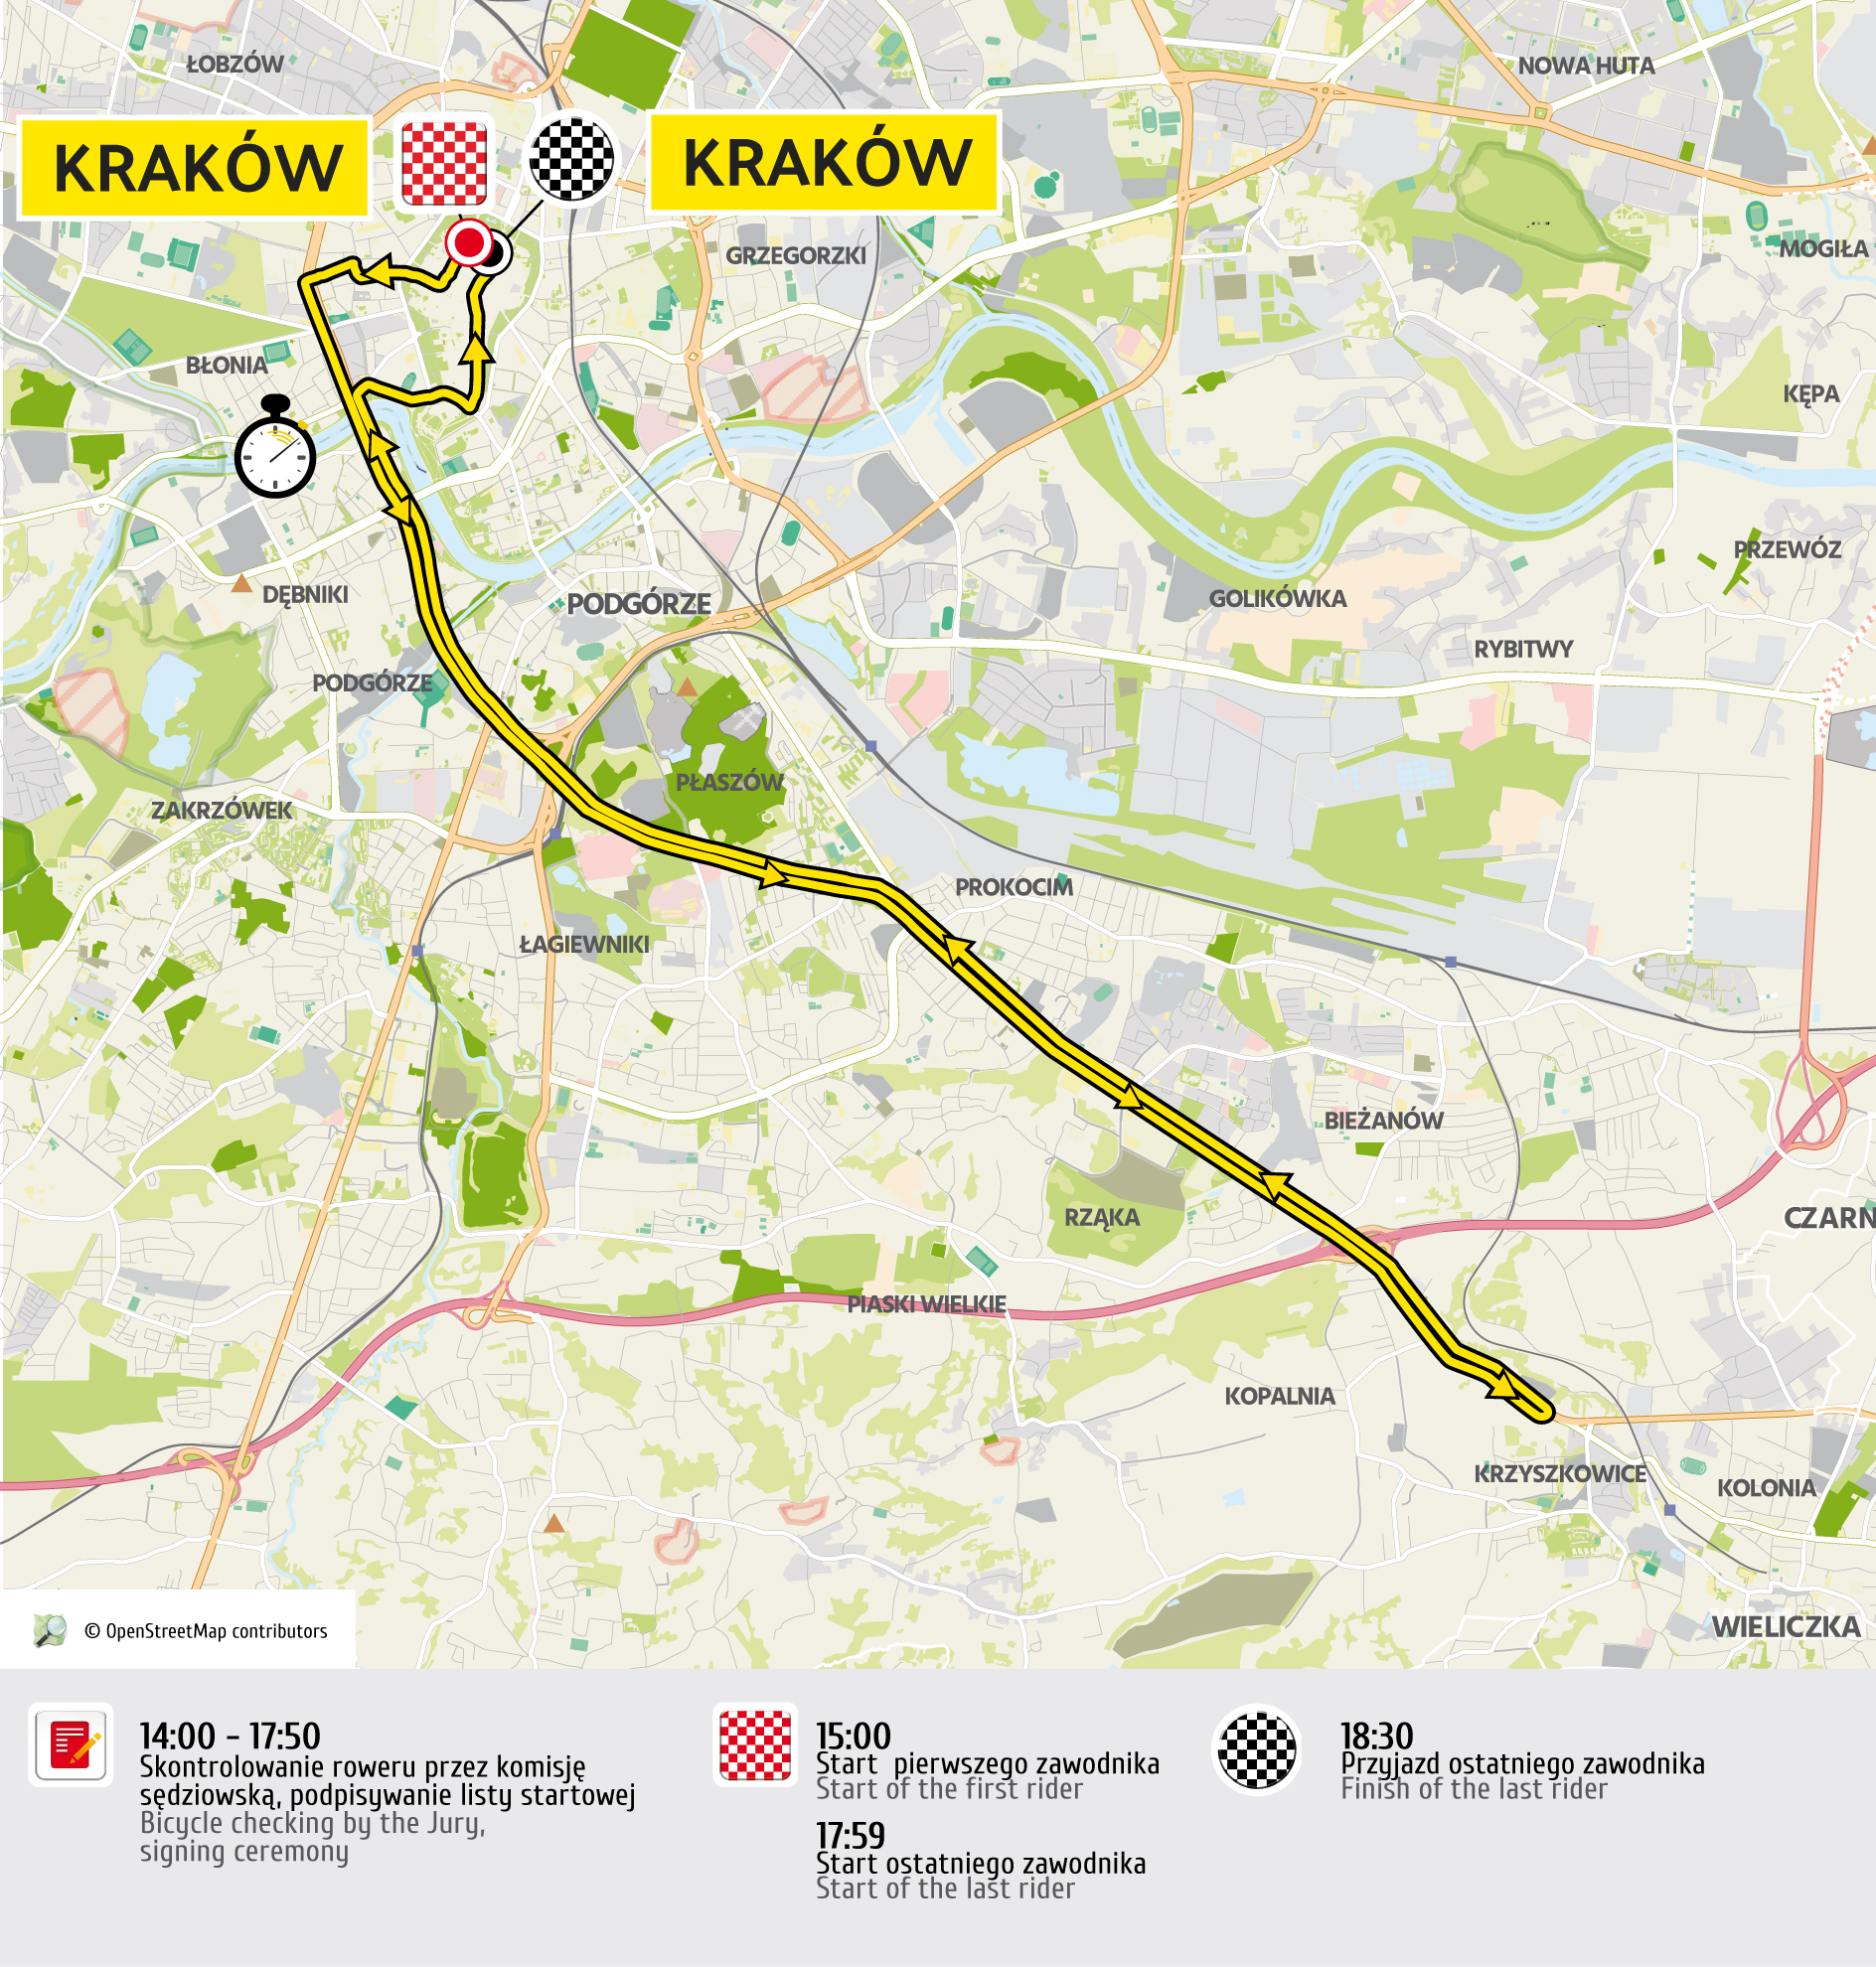 etap 7 mapa Tour de Pologne 2016 UCI World Tour